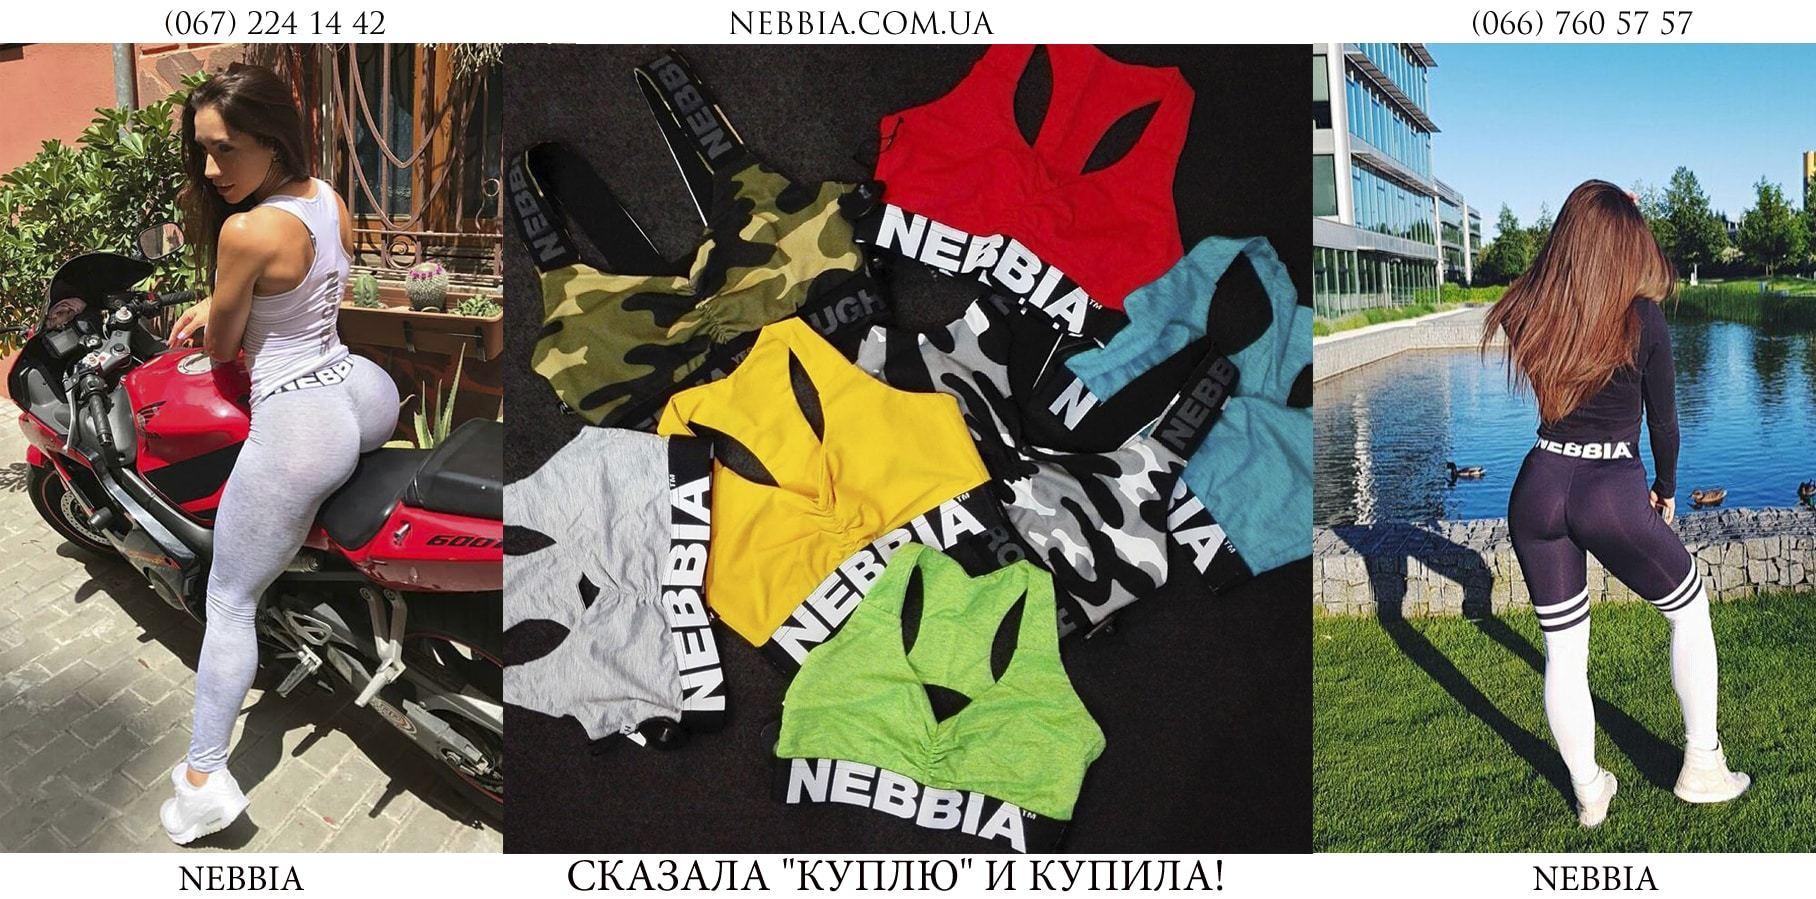 одежда NEBBIA